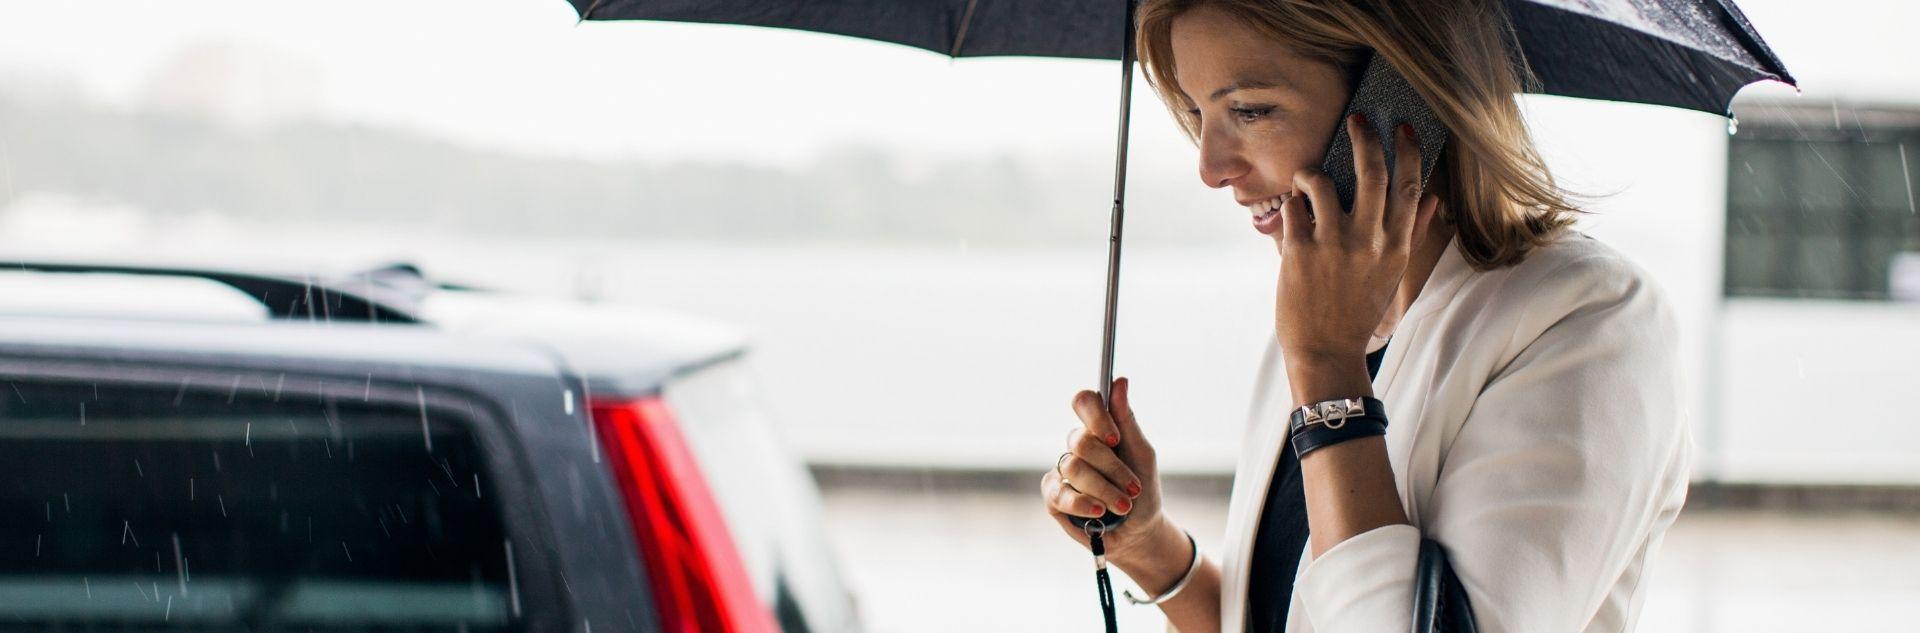 LCC Security Management Frau mit Regenschirm telefoniert